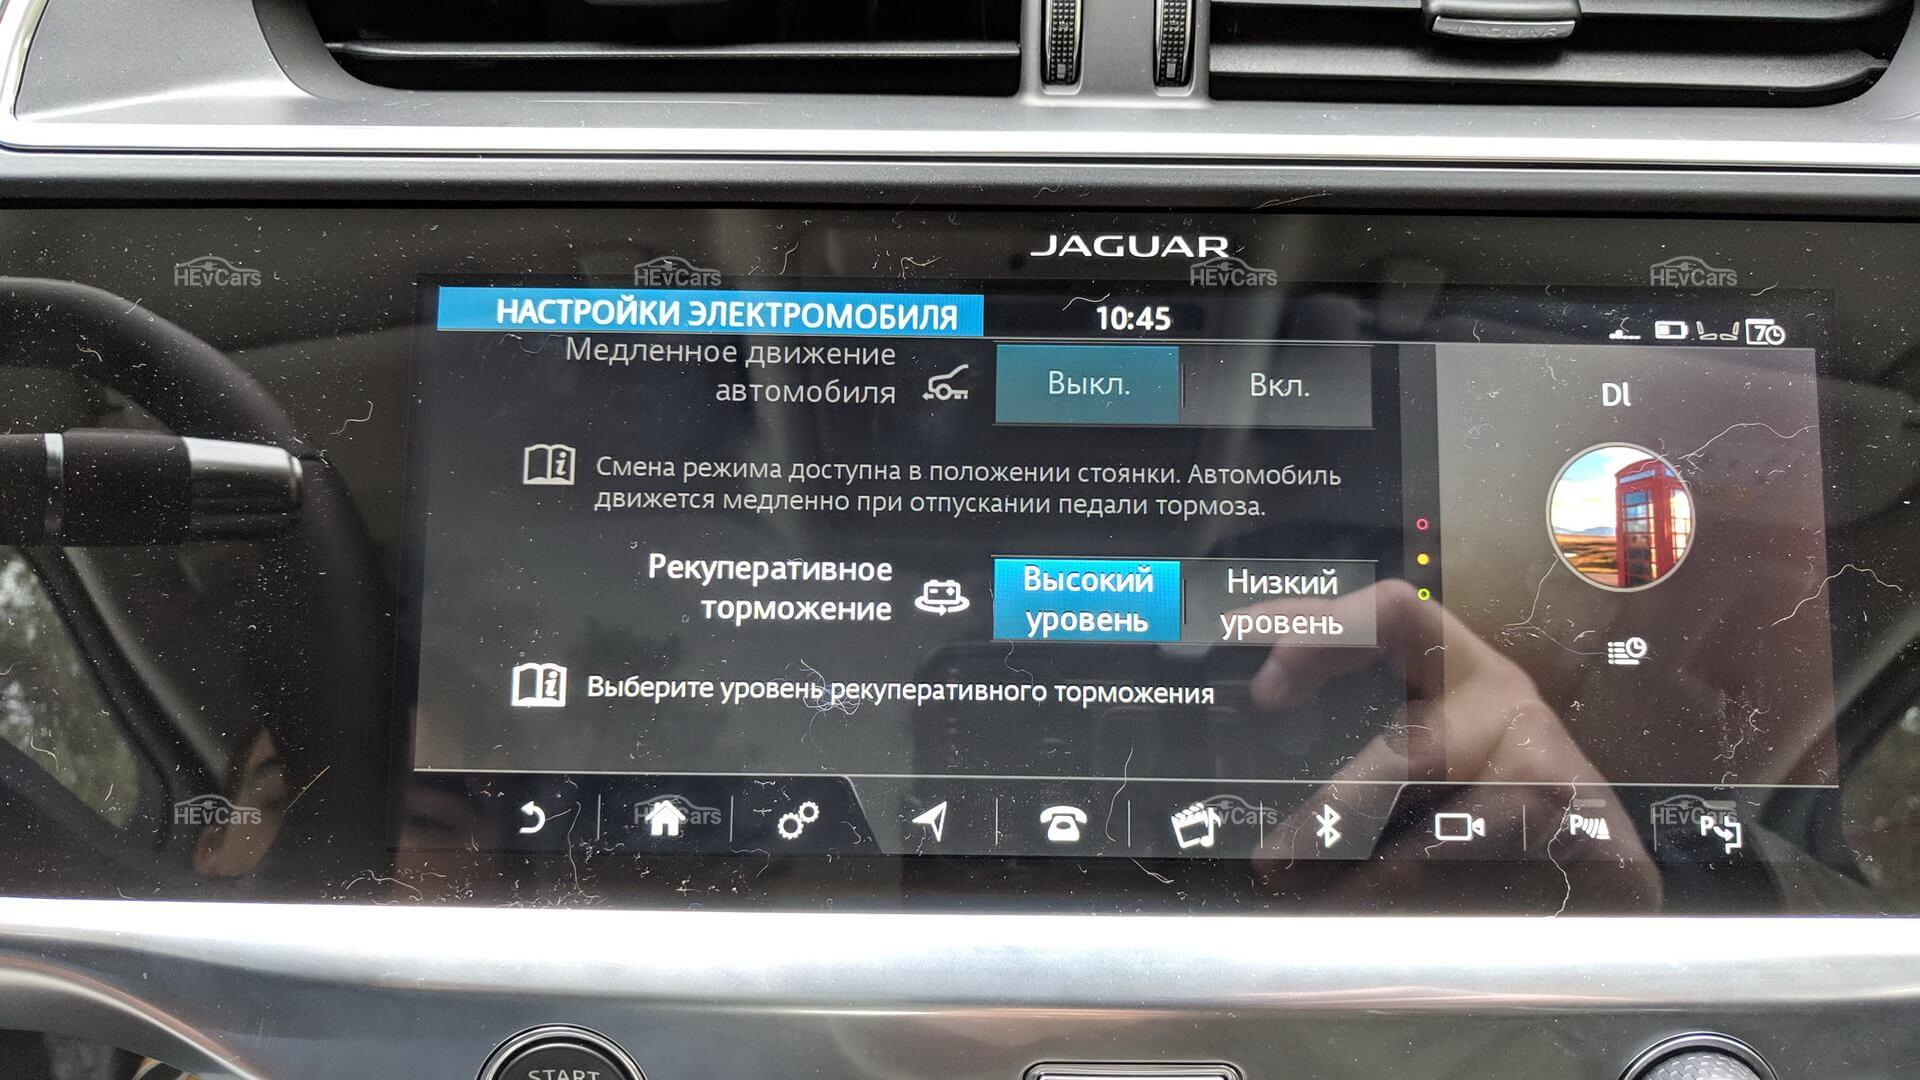 Уровни рекуперации в Jaguar I-Pace